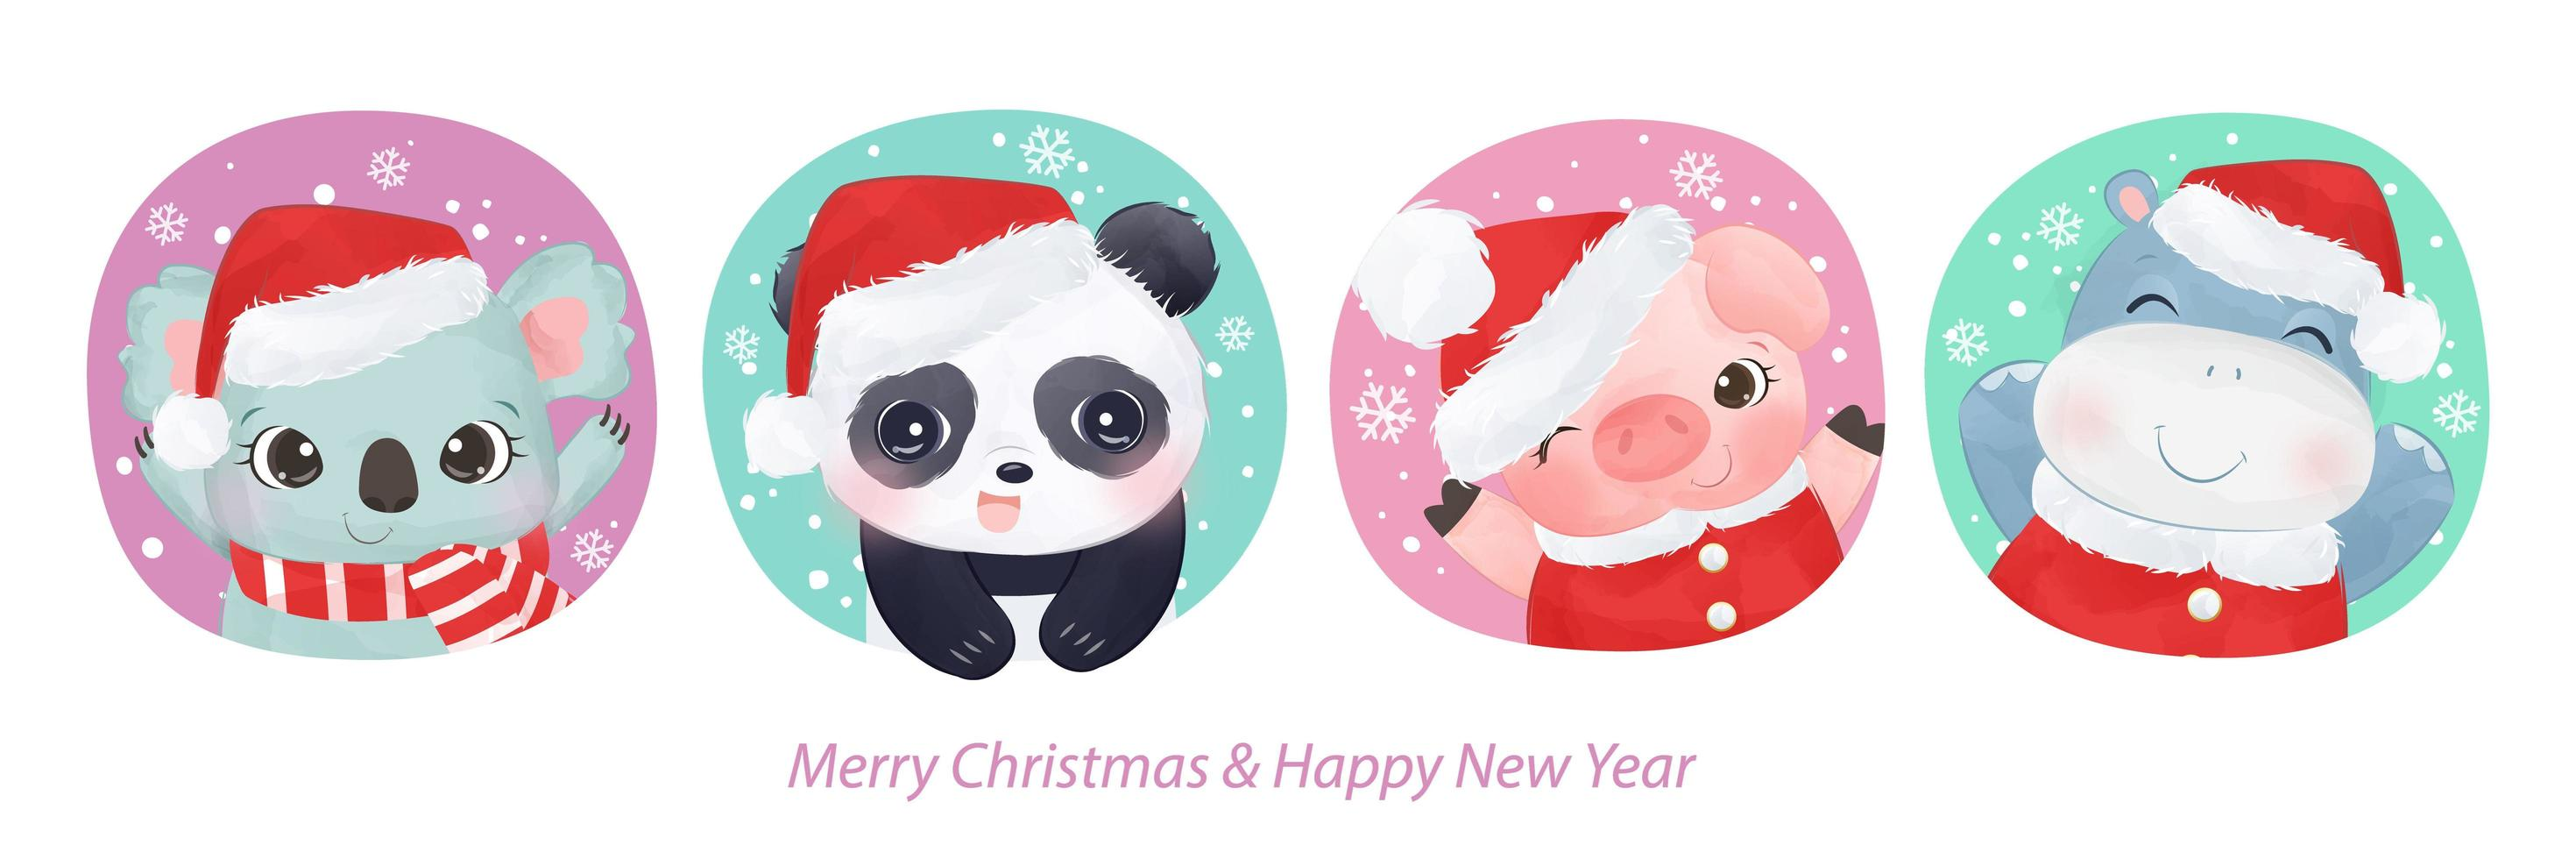 cartão de natal com animais adoráveis vetor